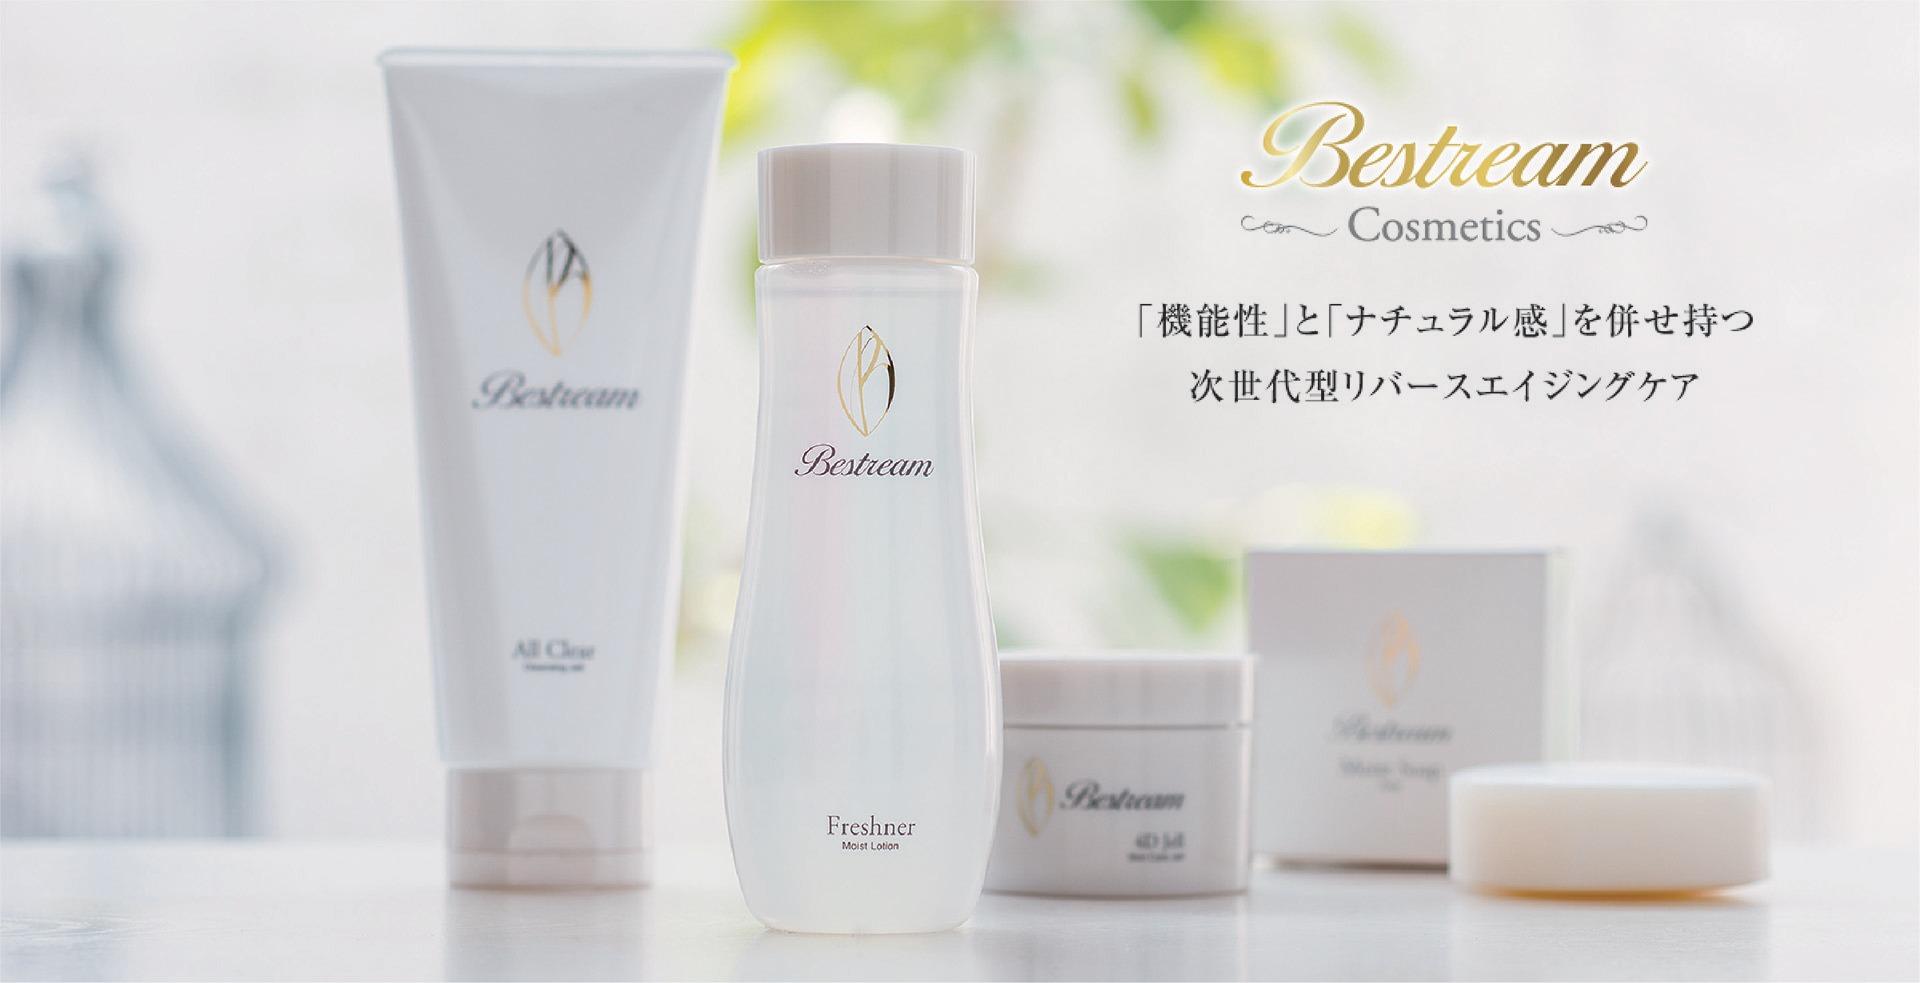 Bestream Cosmetics「 機能 性 」 と 「 ナチュラル 感 」 を 併せ持つ 次世代 型 リバース エイジング ケア